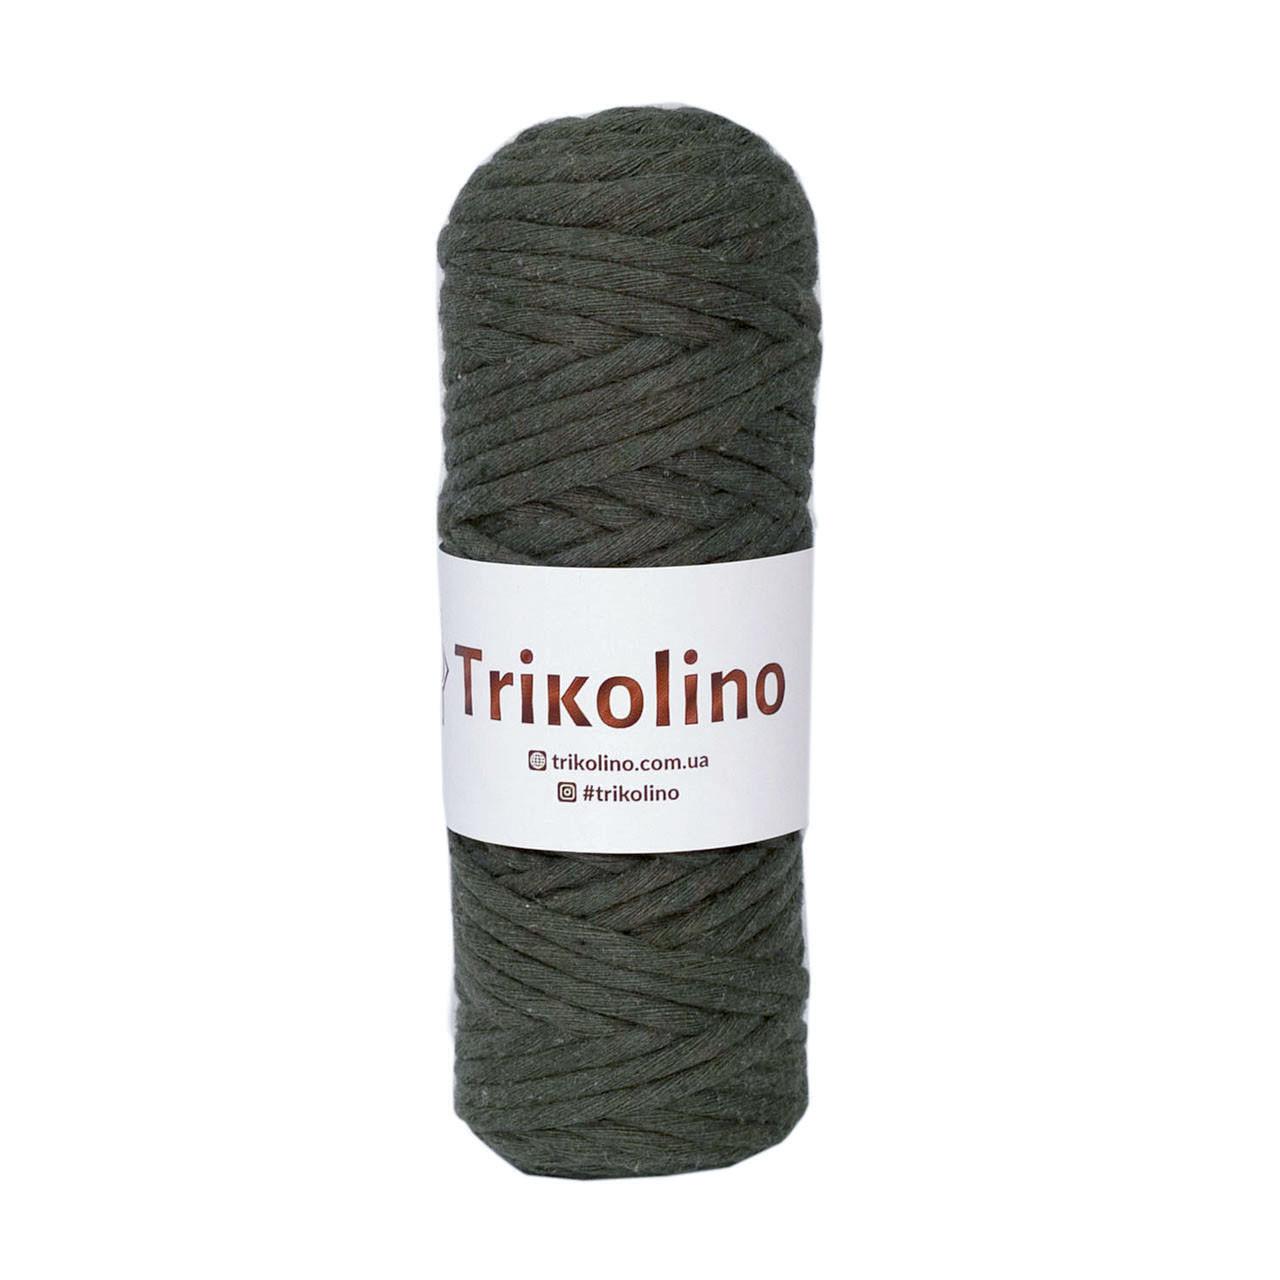 Шнур для макраме Trikolino Хаки 4-6мм